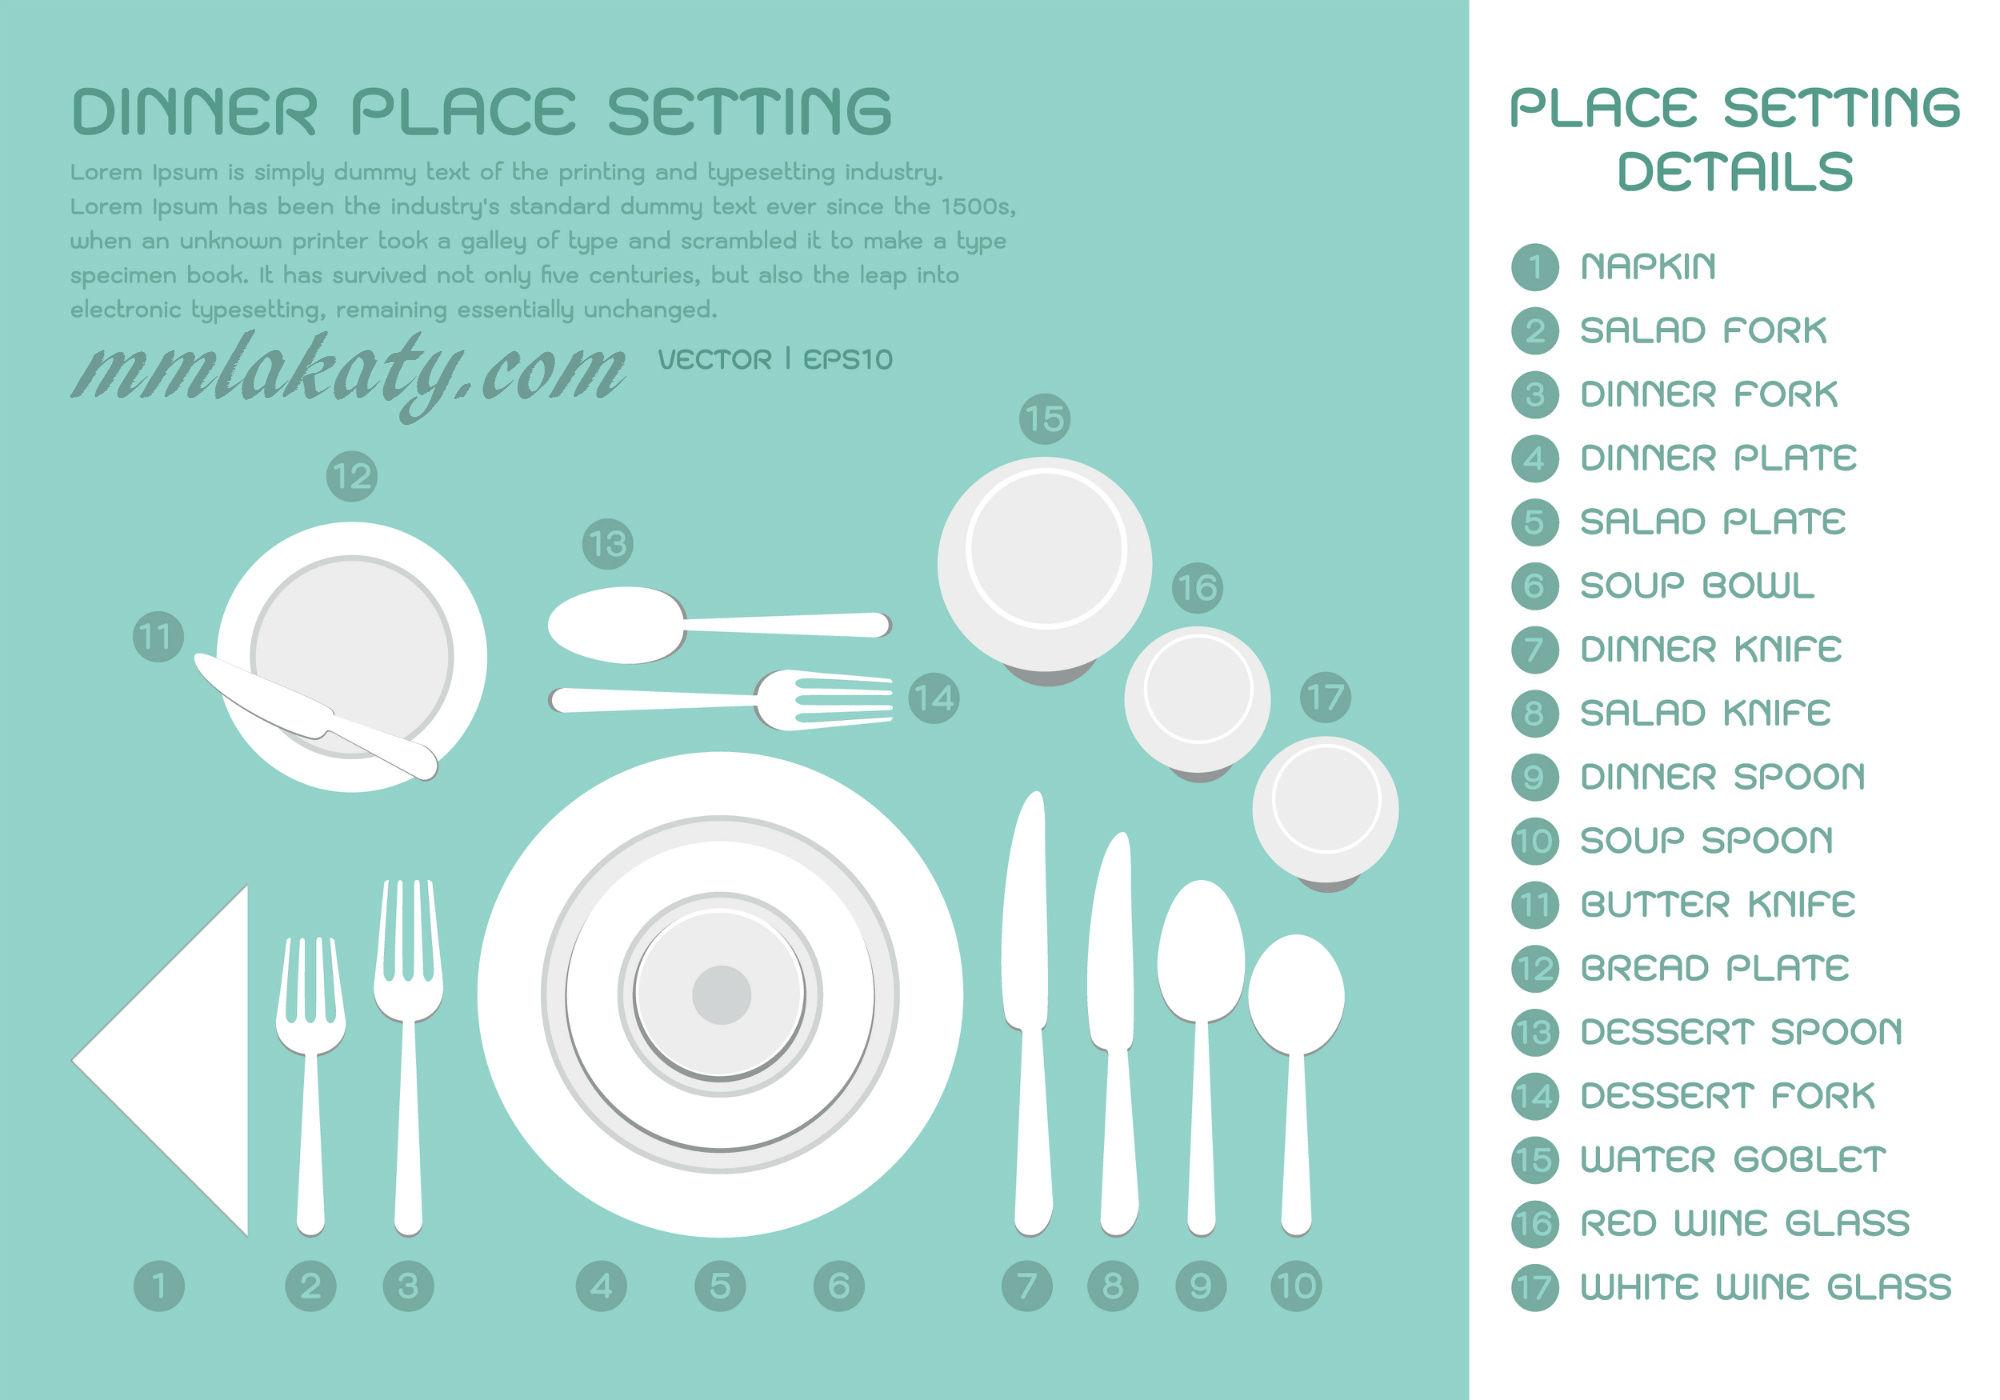 اتيكيت ترتيب طاولة الطعام بالصور بيتى مملكتى